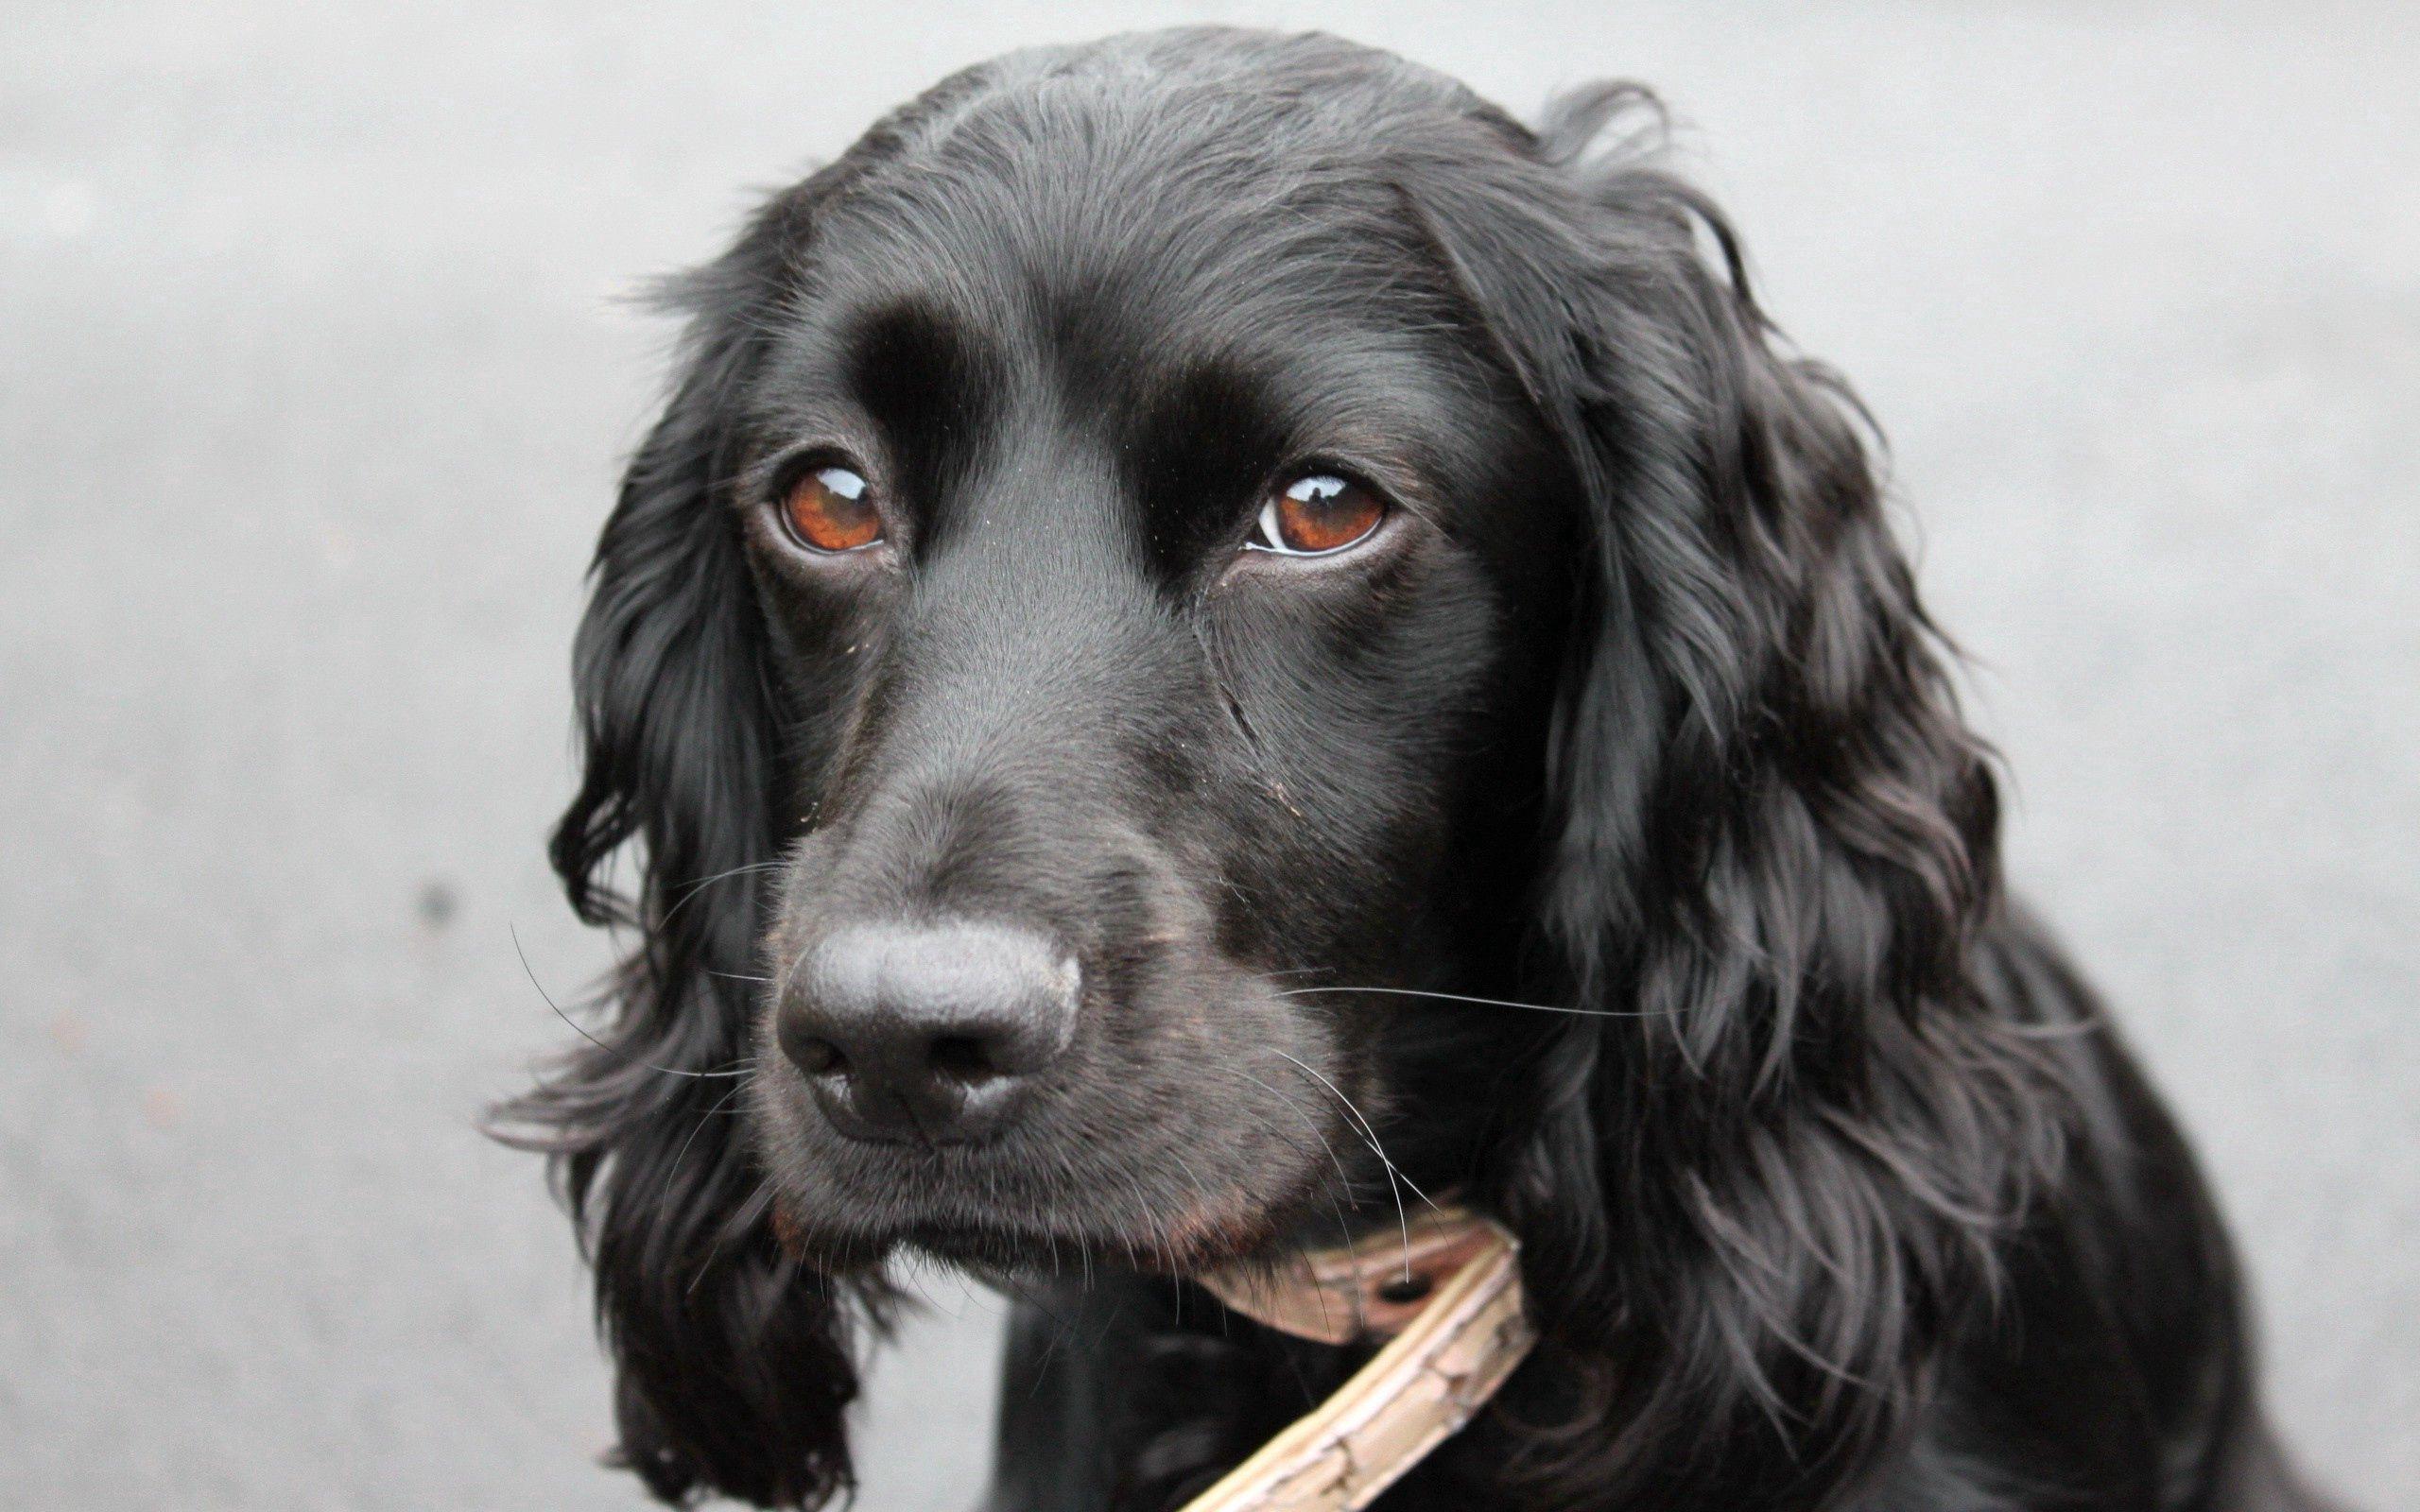 66331 Hintergrundbild herunterladen Hund, Tiere, Schnauze, Ohren, Eared - Bildschirmschoner und Bilder kostenlos